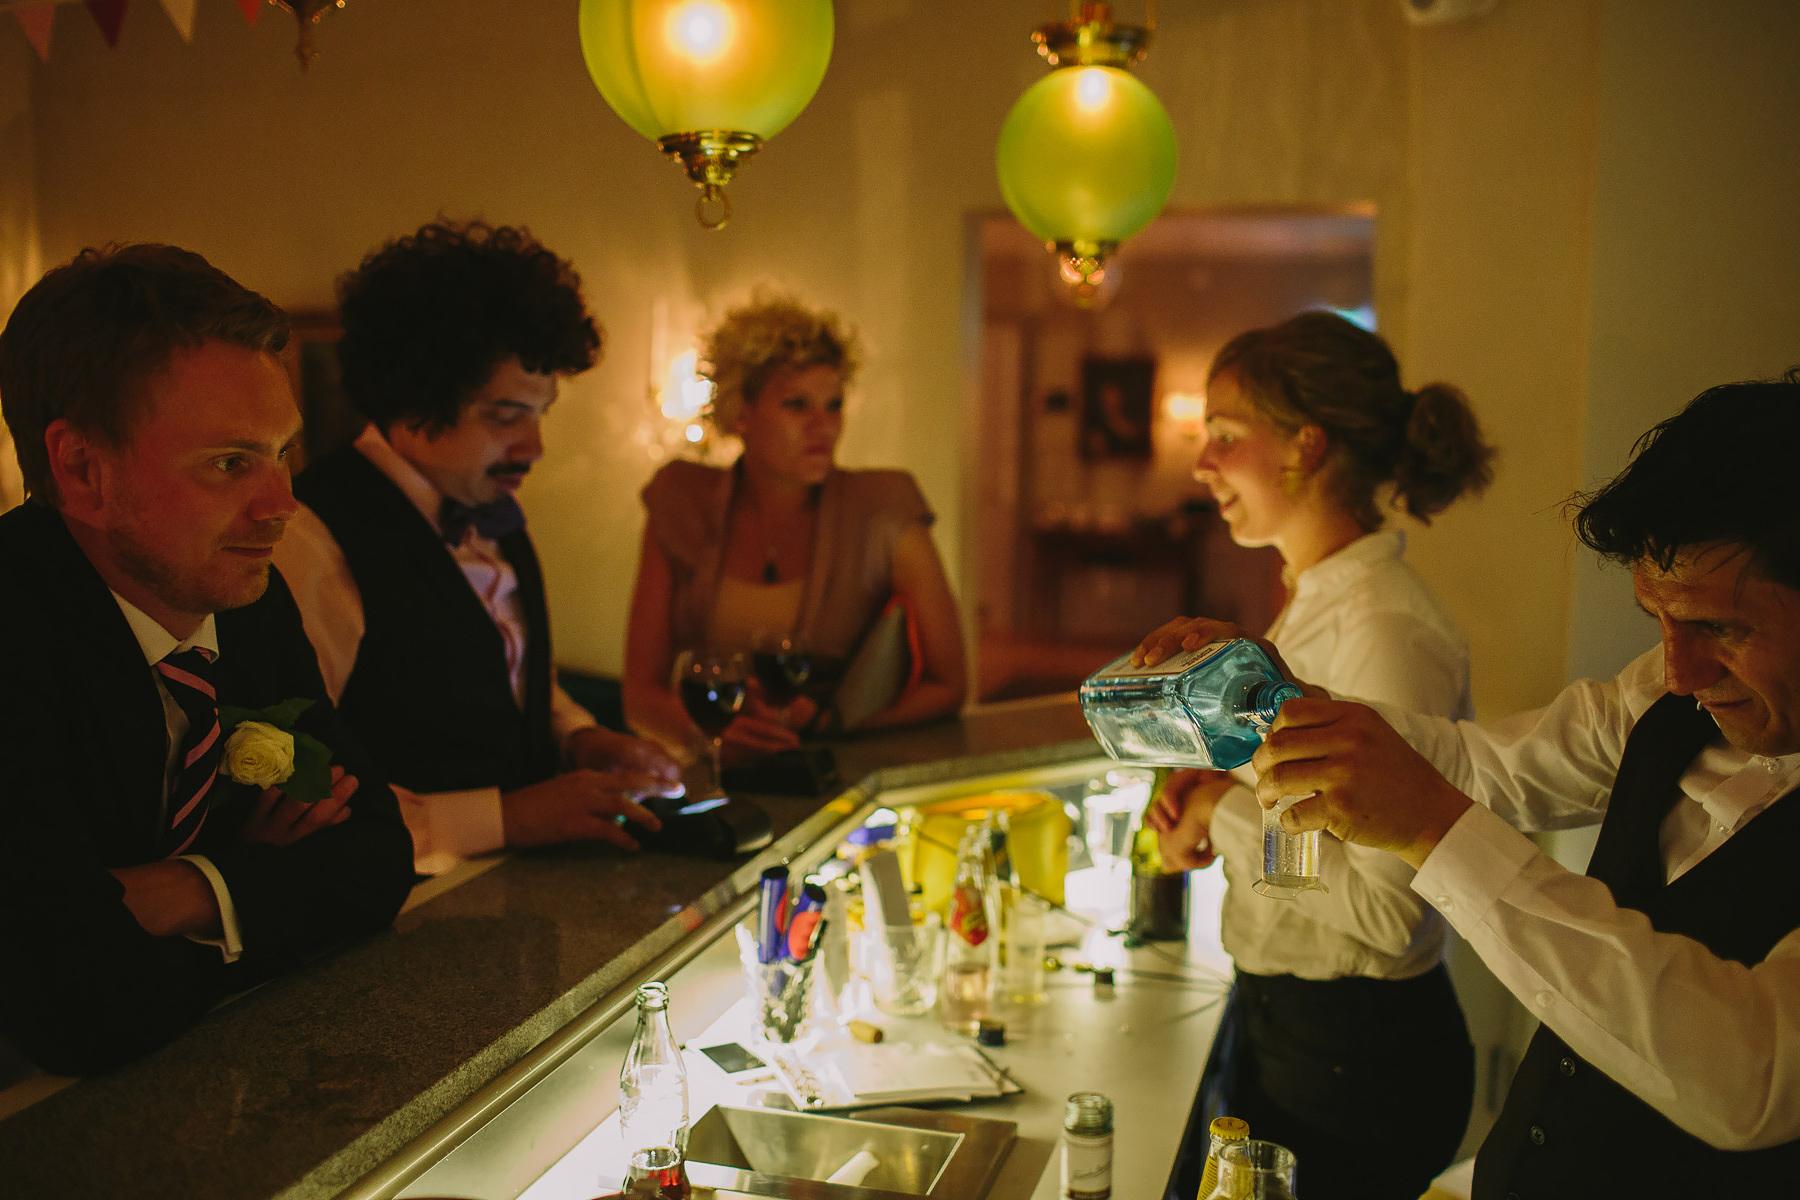 Gin och Tonic blandas till gäster